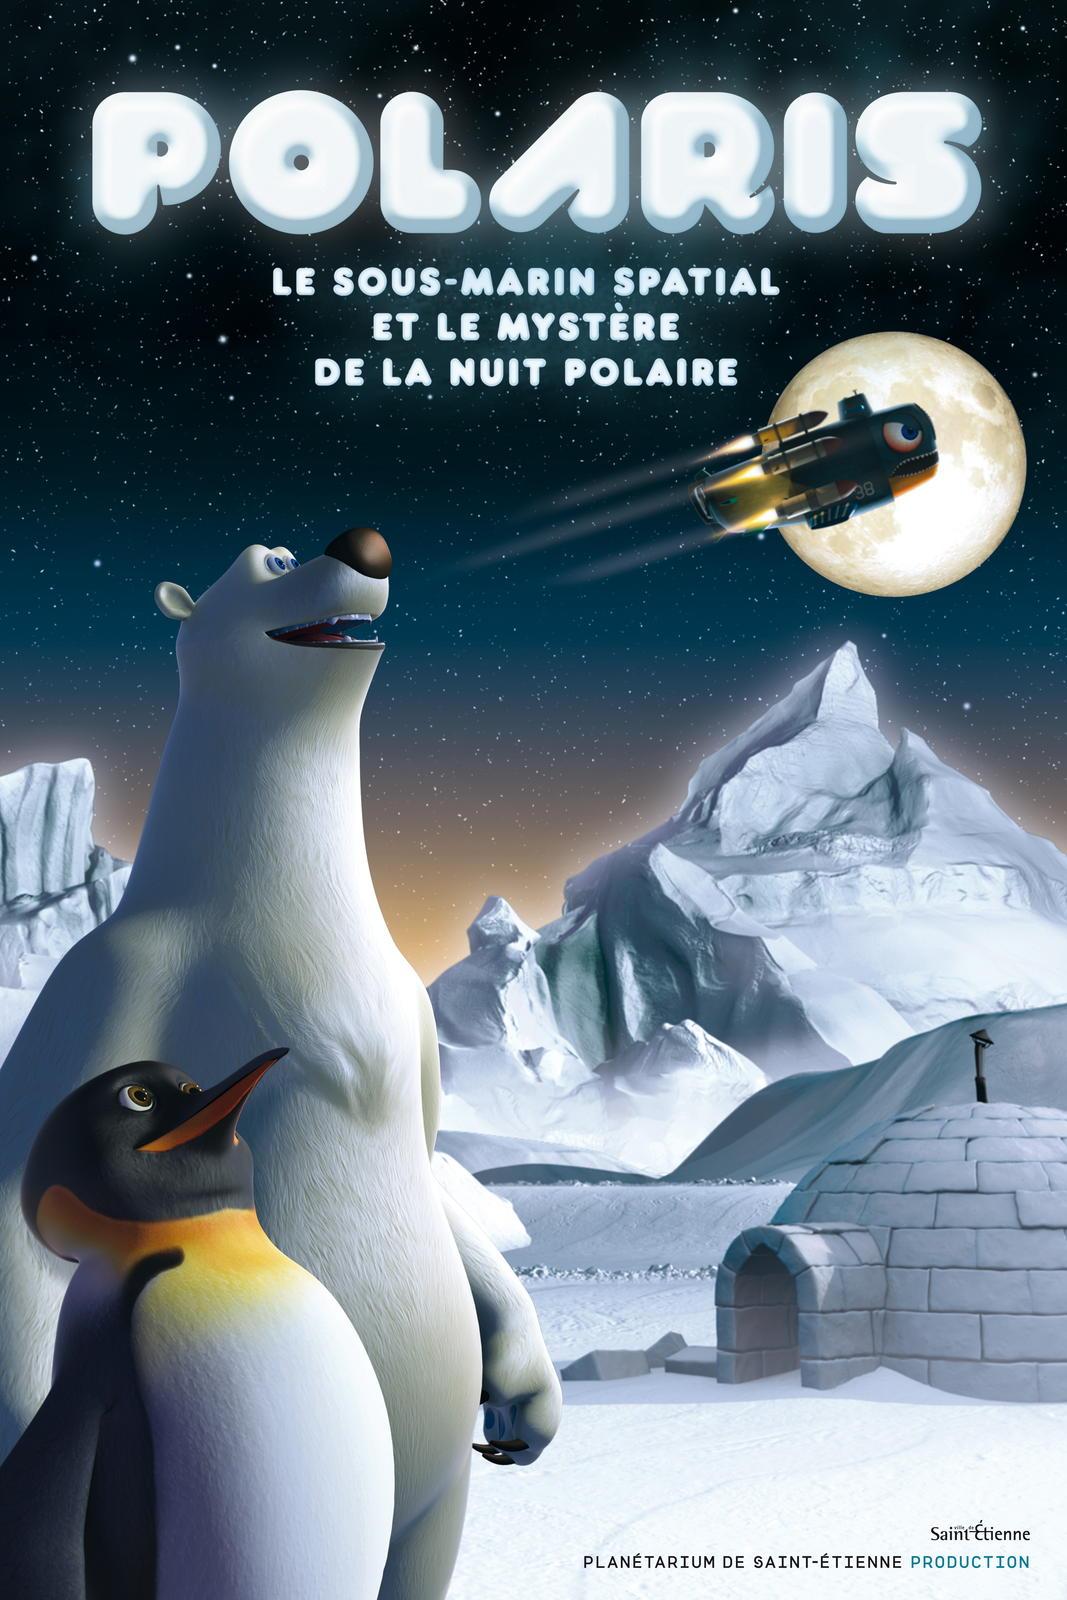 Polaris, le sous marin spatial et le mystère de la nuit polaire (3D)